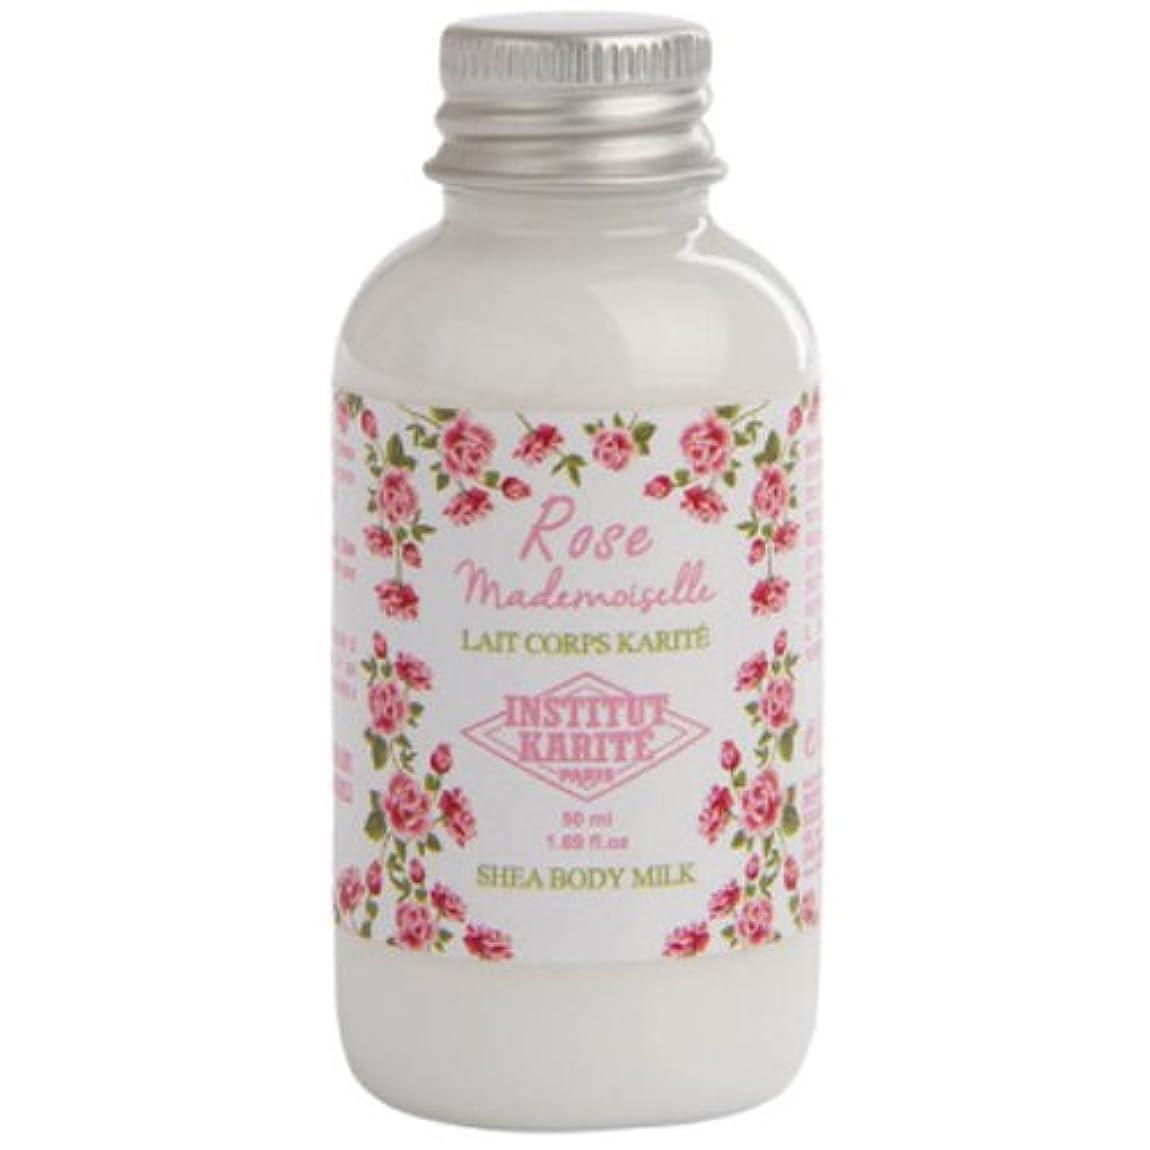 事前食べる概念INSTITUT KARITE カリテ Rose Mademoiselle クラシックローズ Travel Shea Body Milk 50ml